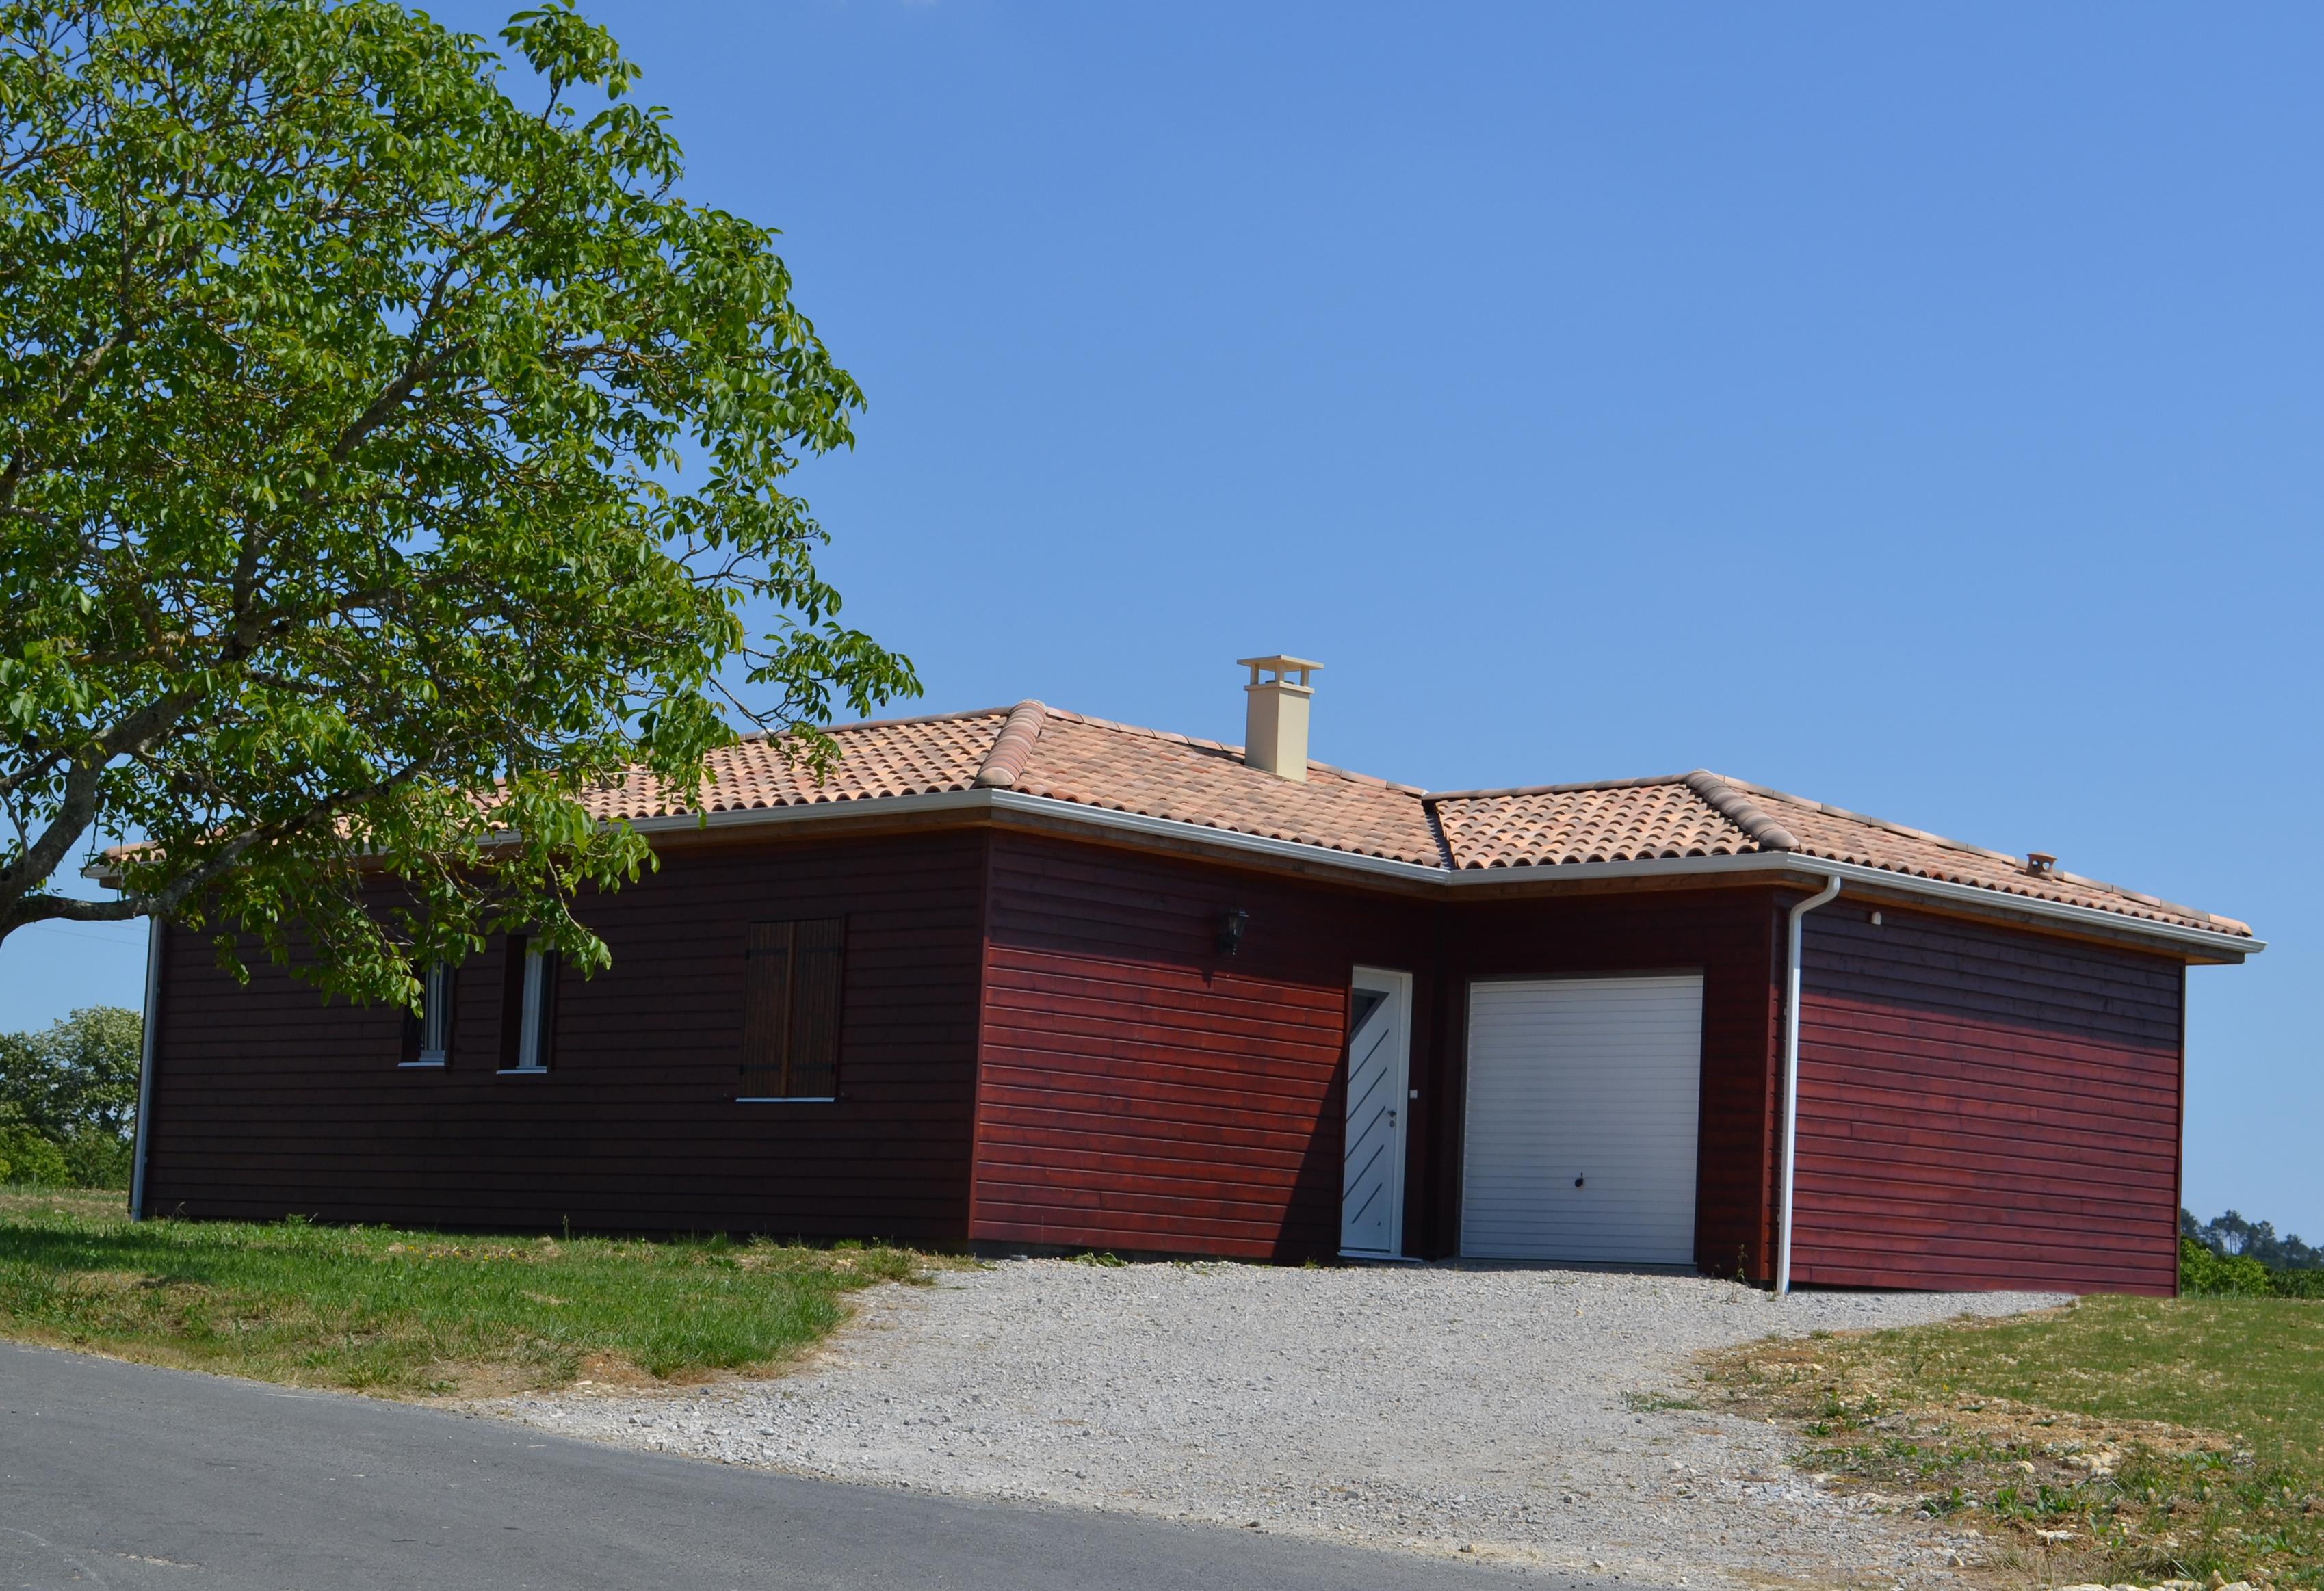 Maison bois secteur p rigueux chantier maison perigord for Constructeur maison individuelle 24000